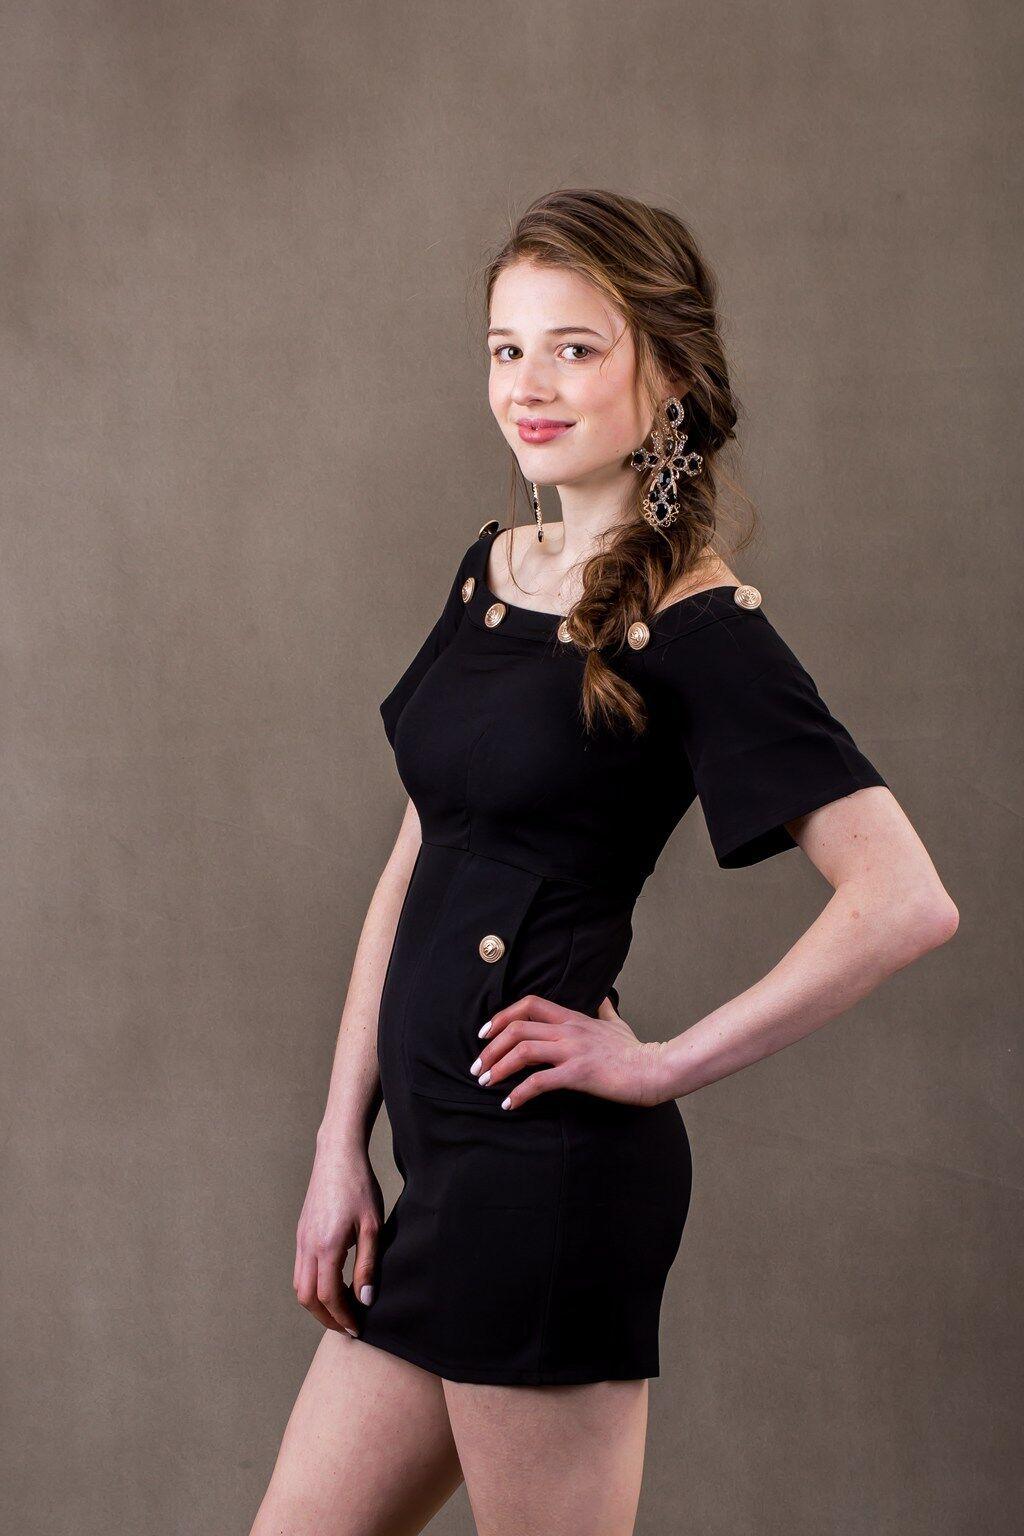 Dance in Night-blooming Cereus Scent schwarz Mini Dress【AU Stock】